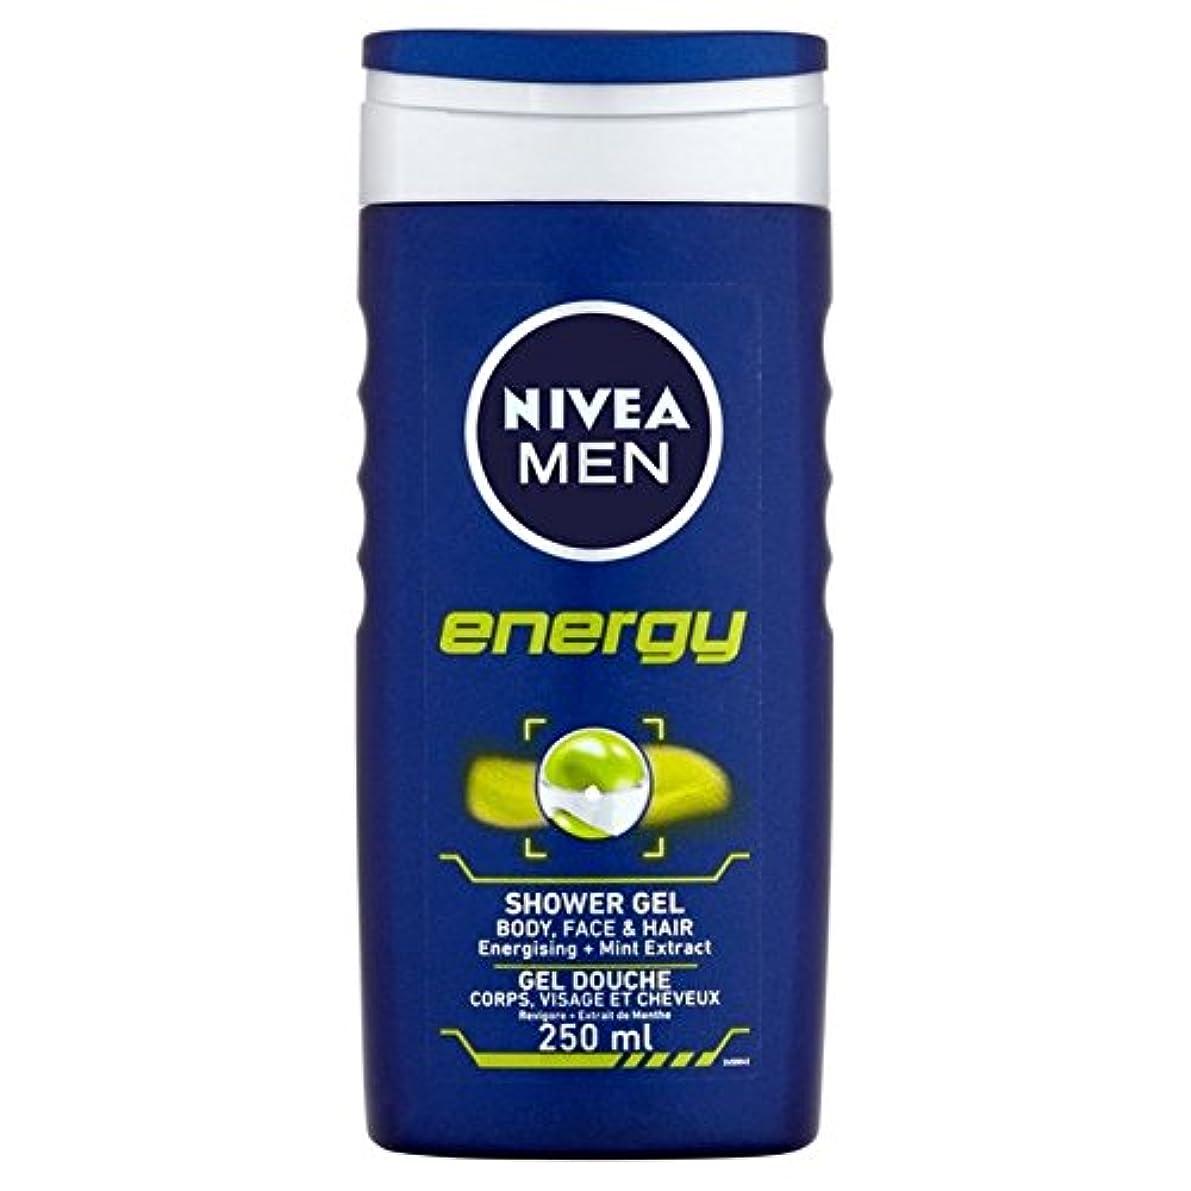 振り向く価値のないメダリストNivea Men Energy 2 in 1 Shower 250ml - 1つのシャワー250ミリリットル中ニベアの男性のエネルギー2 [並行輸入品]